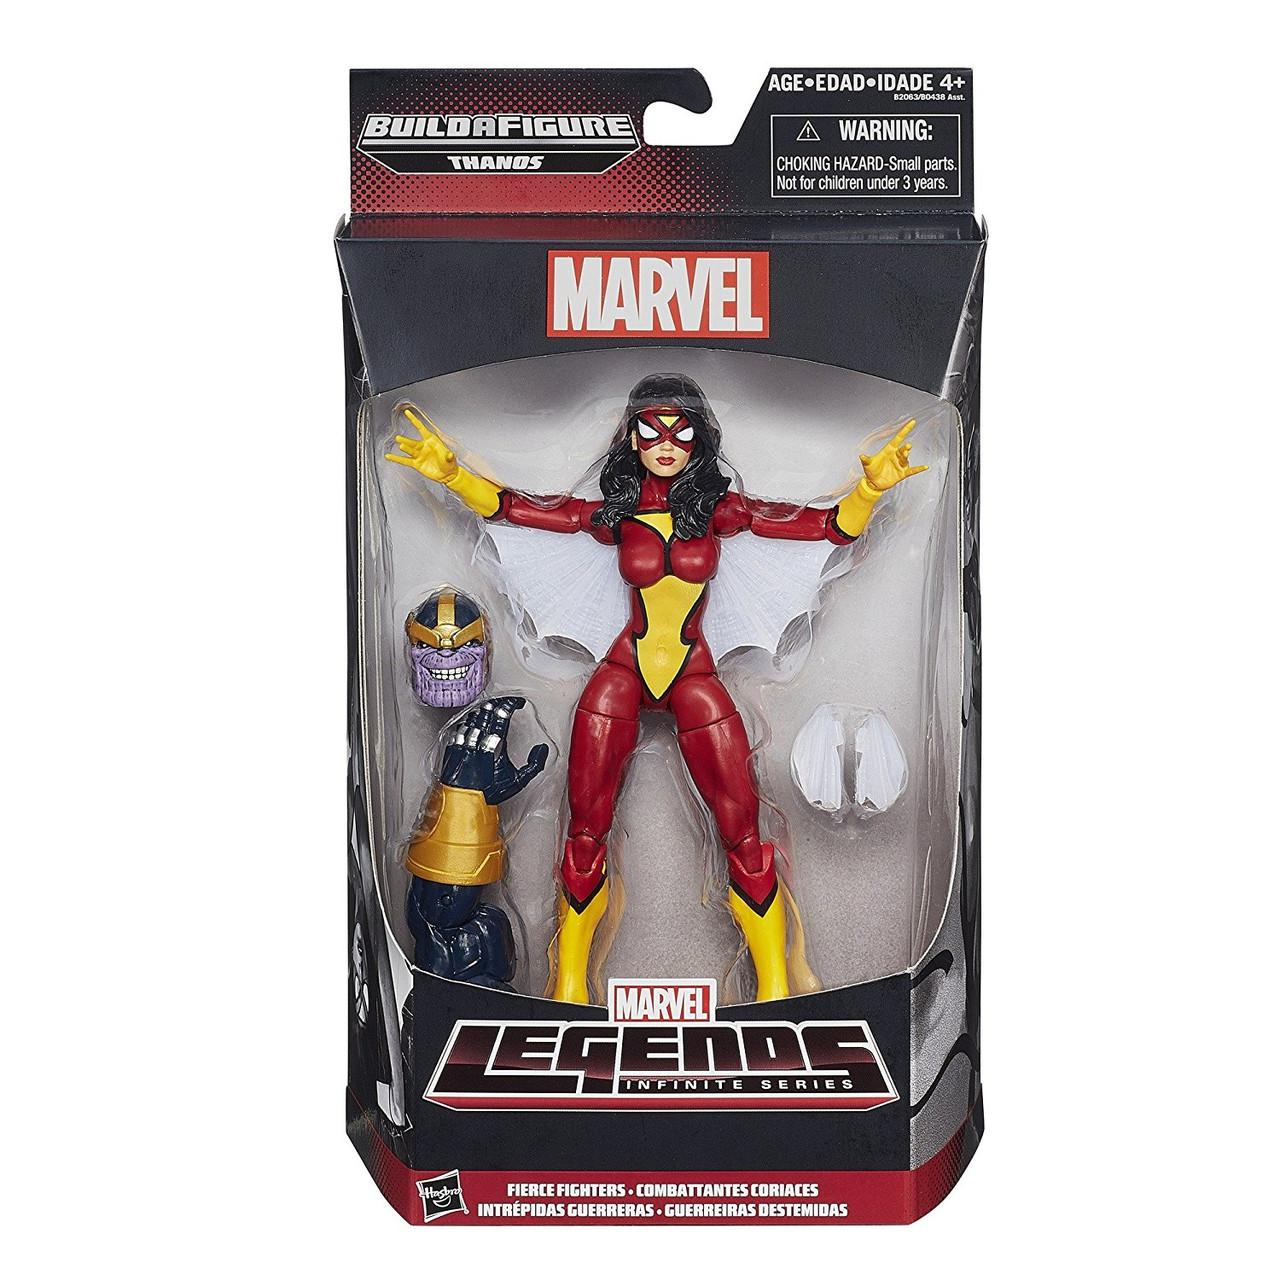 Фигурка Женщина-паук от Марвел - Spider-woman, Marvel Legends, Infinite Series Thanos, Hasbro